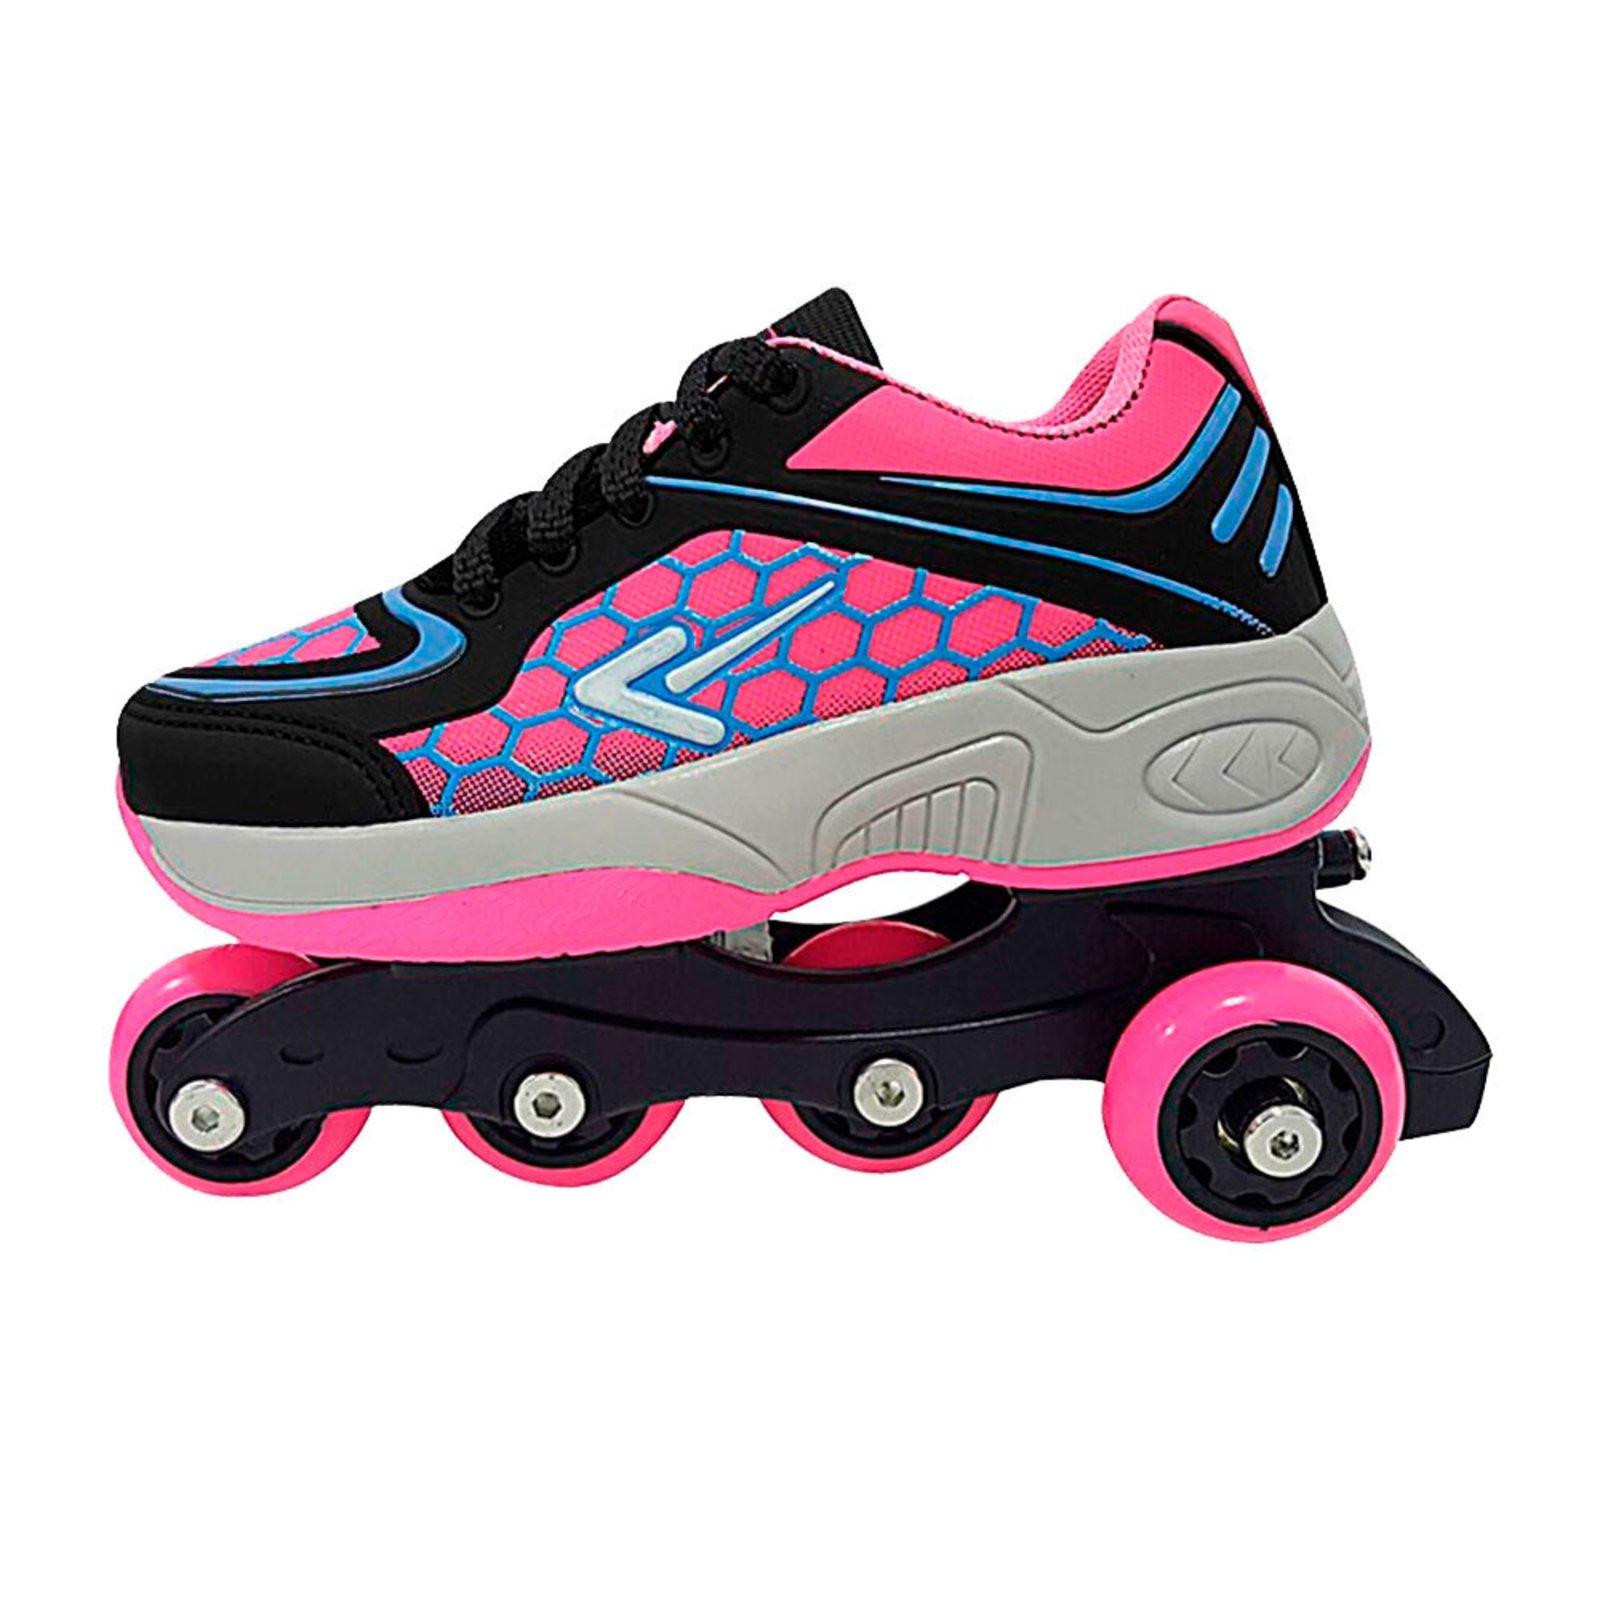 63789b952ea Tênis Box Kids Patins 4 Em 1 - Rosa - Compre Agora